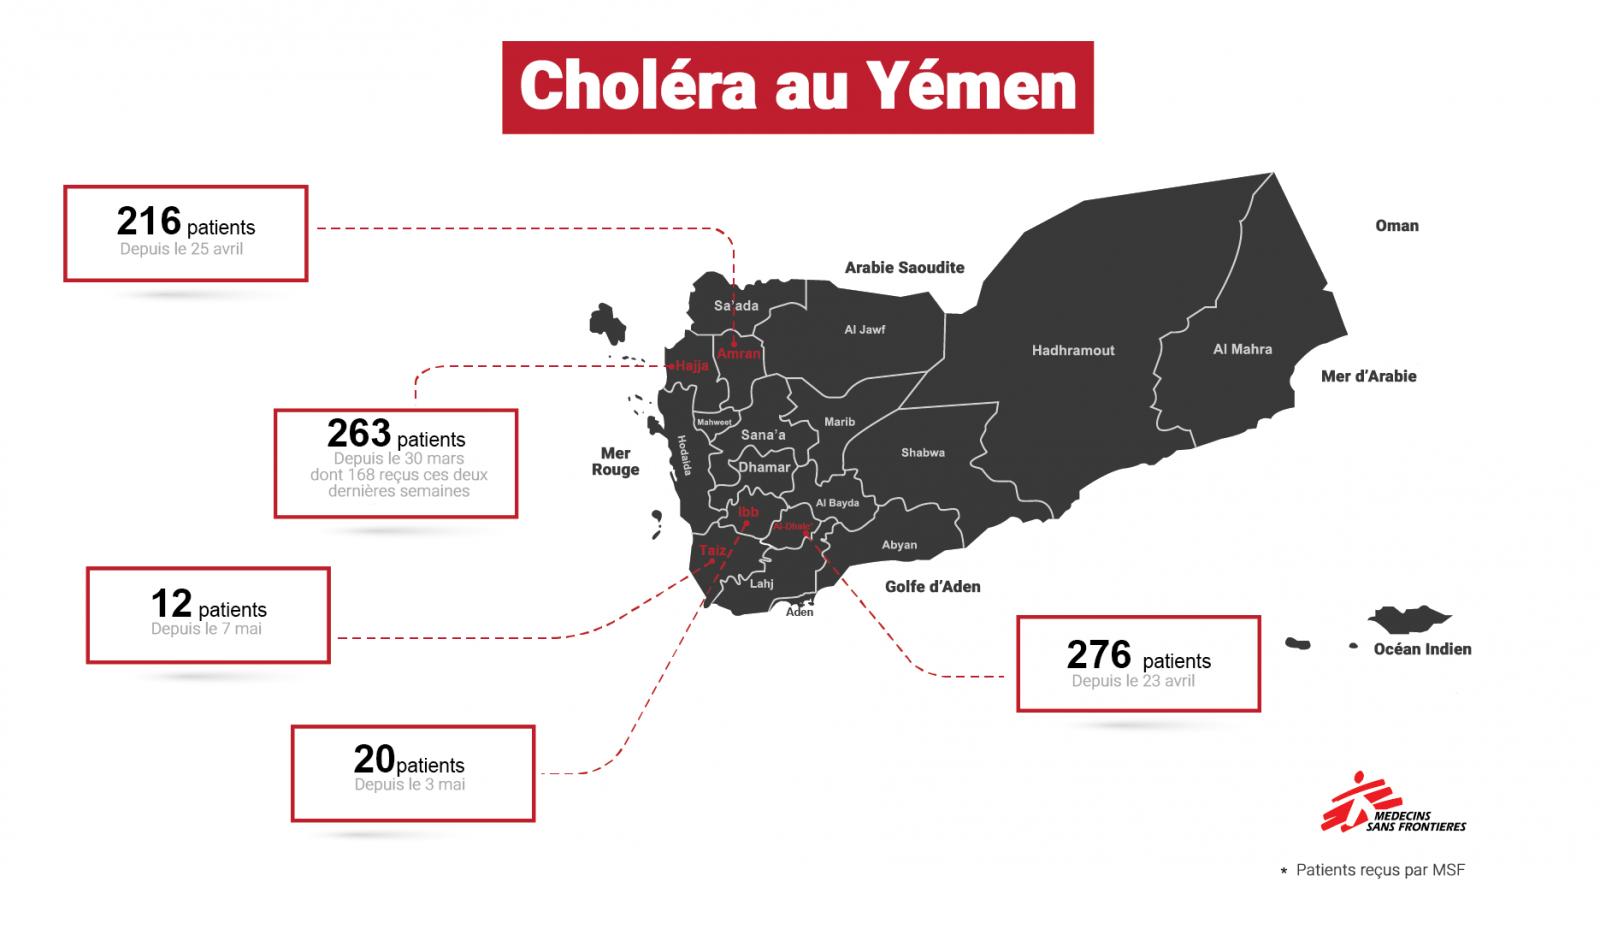 Cholera map_Yemen_Fr